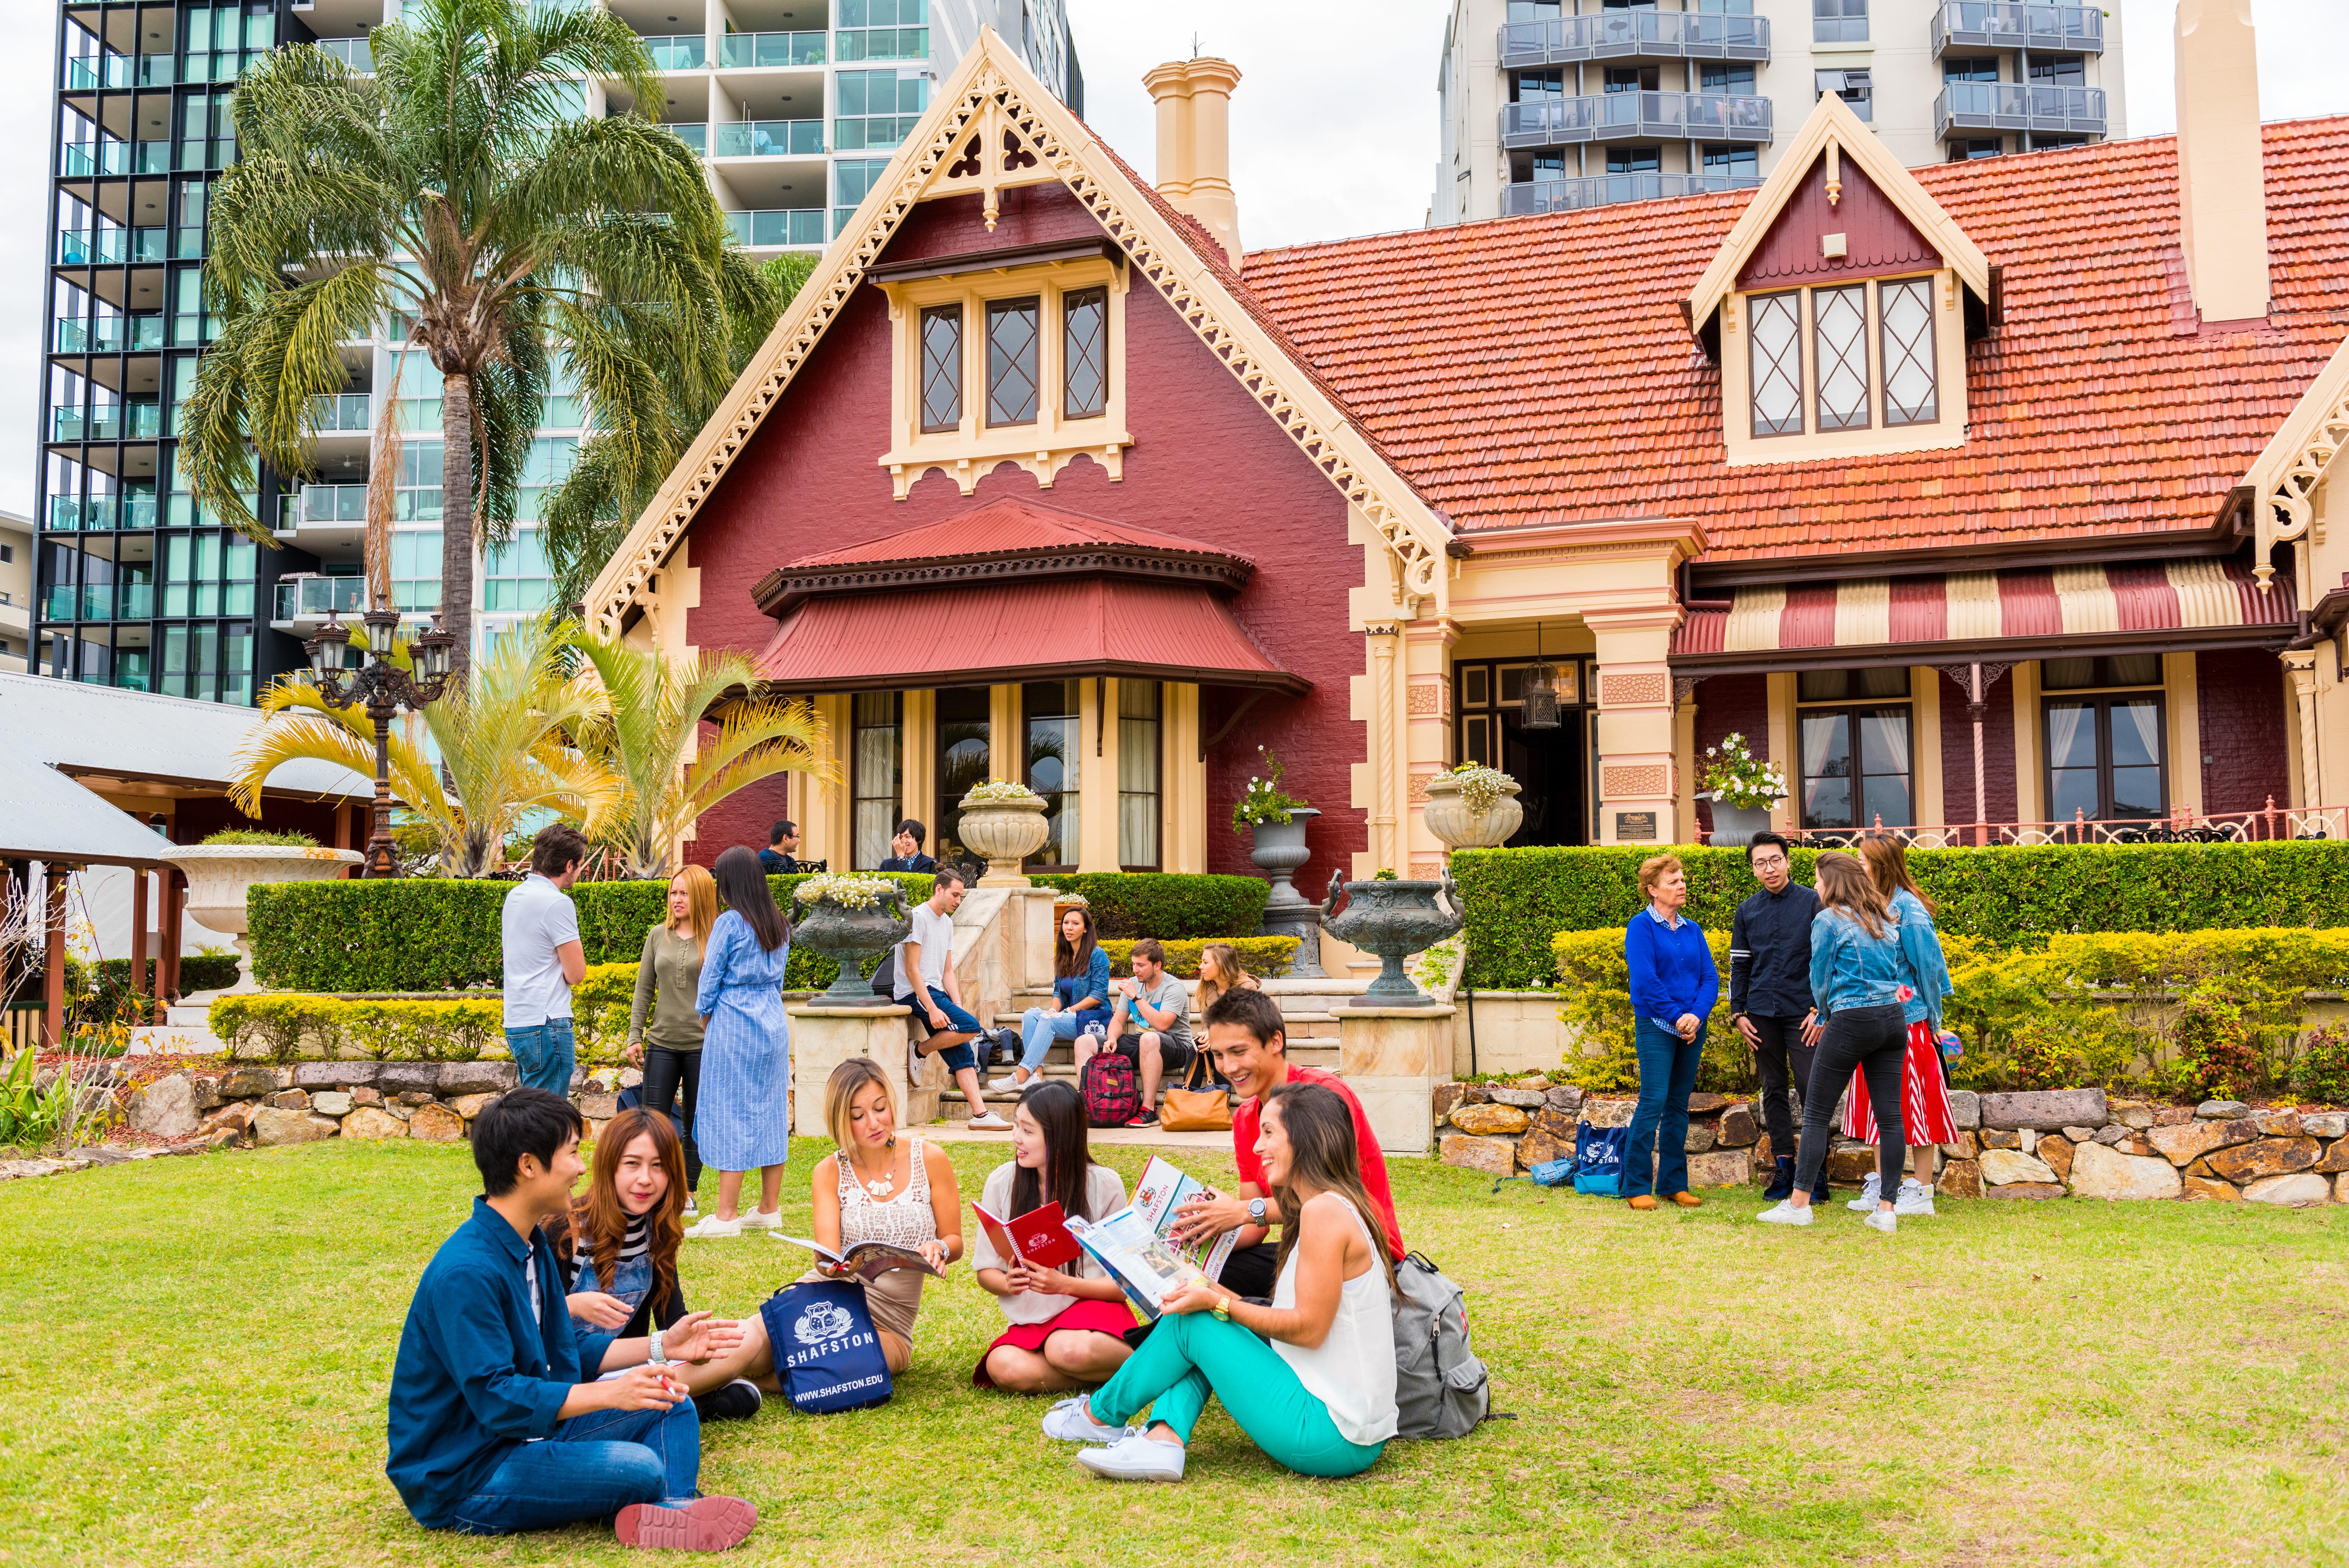 Shafston International College Brisbane Campus